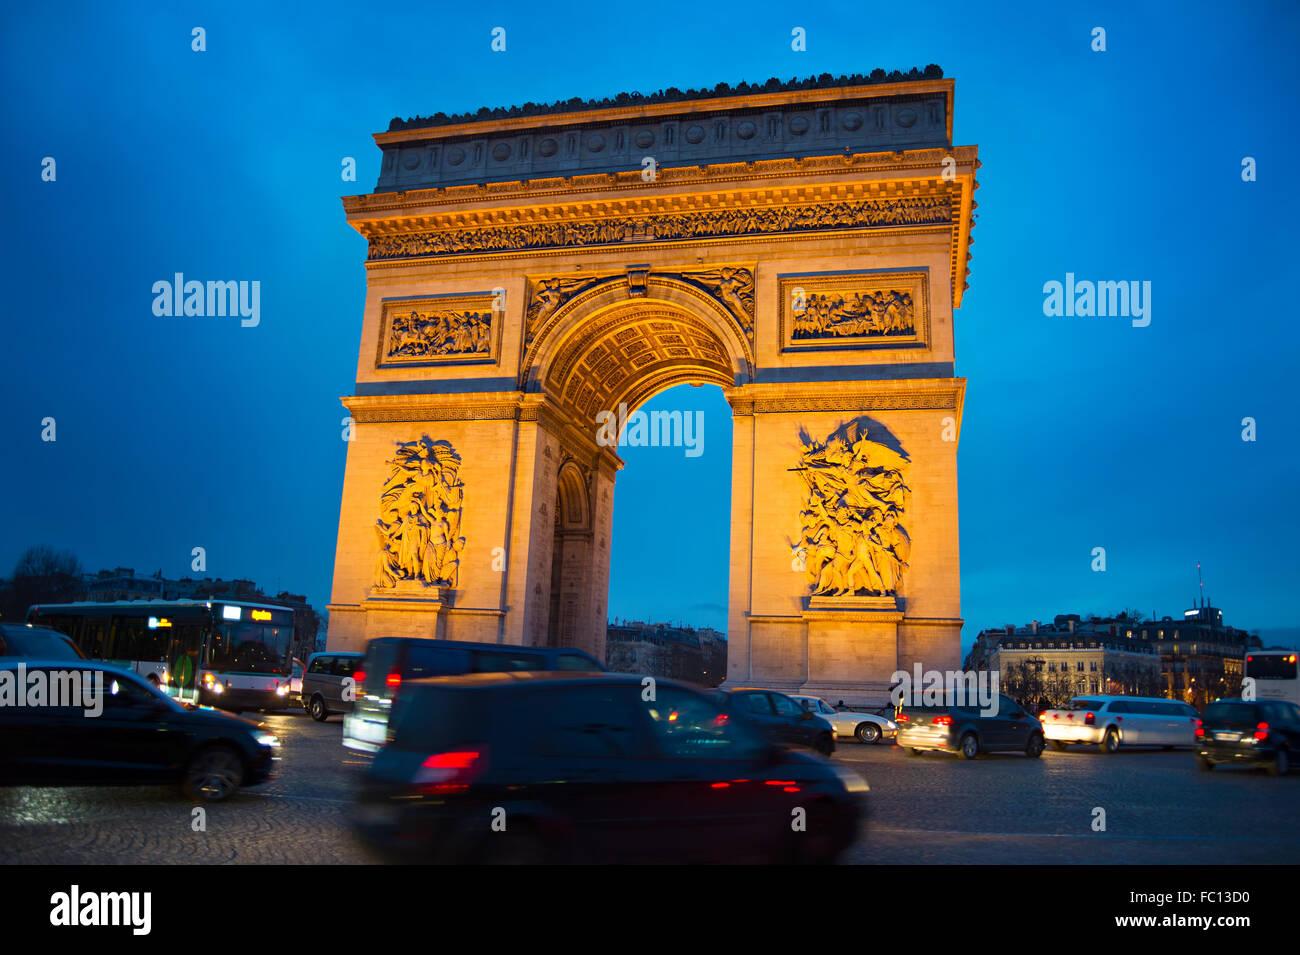 Arch de Triumph, Paris - Stock Image